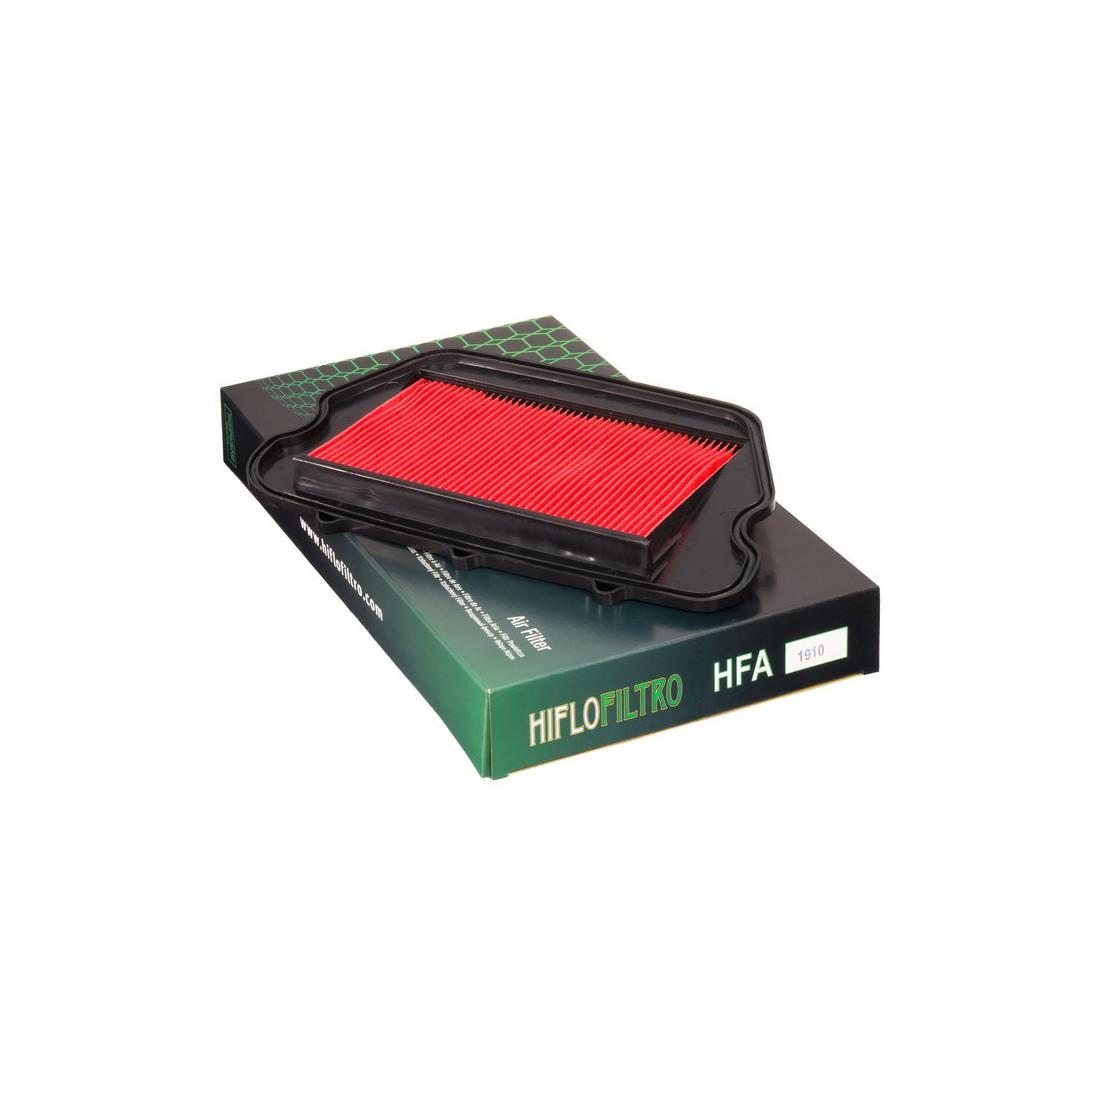 Filtro Aire Hiflofiltro HFA1910